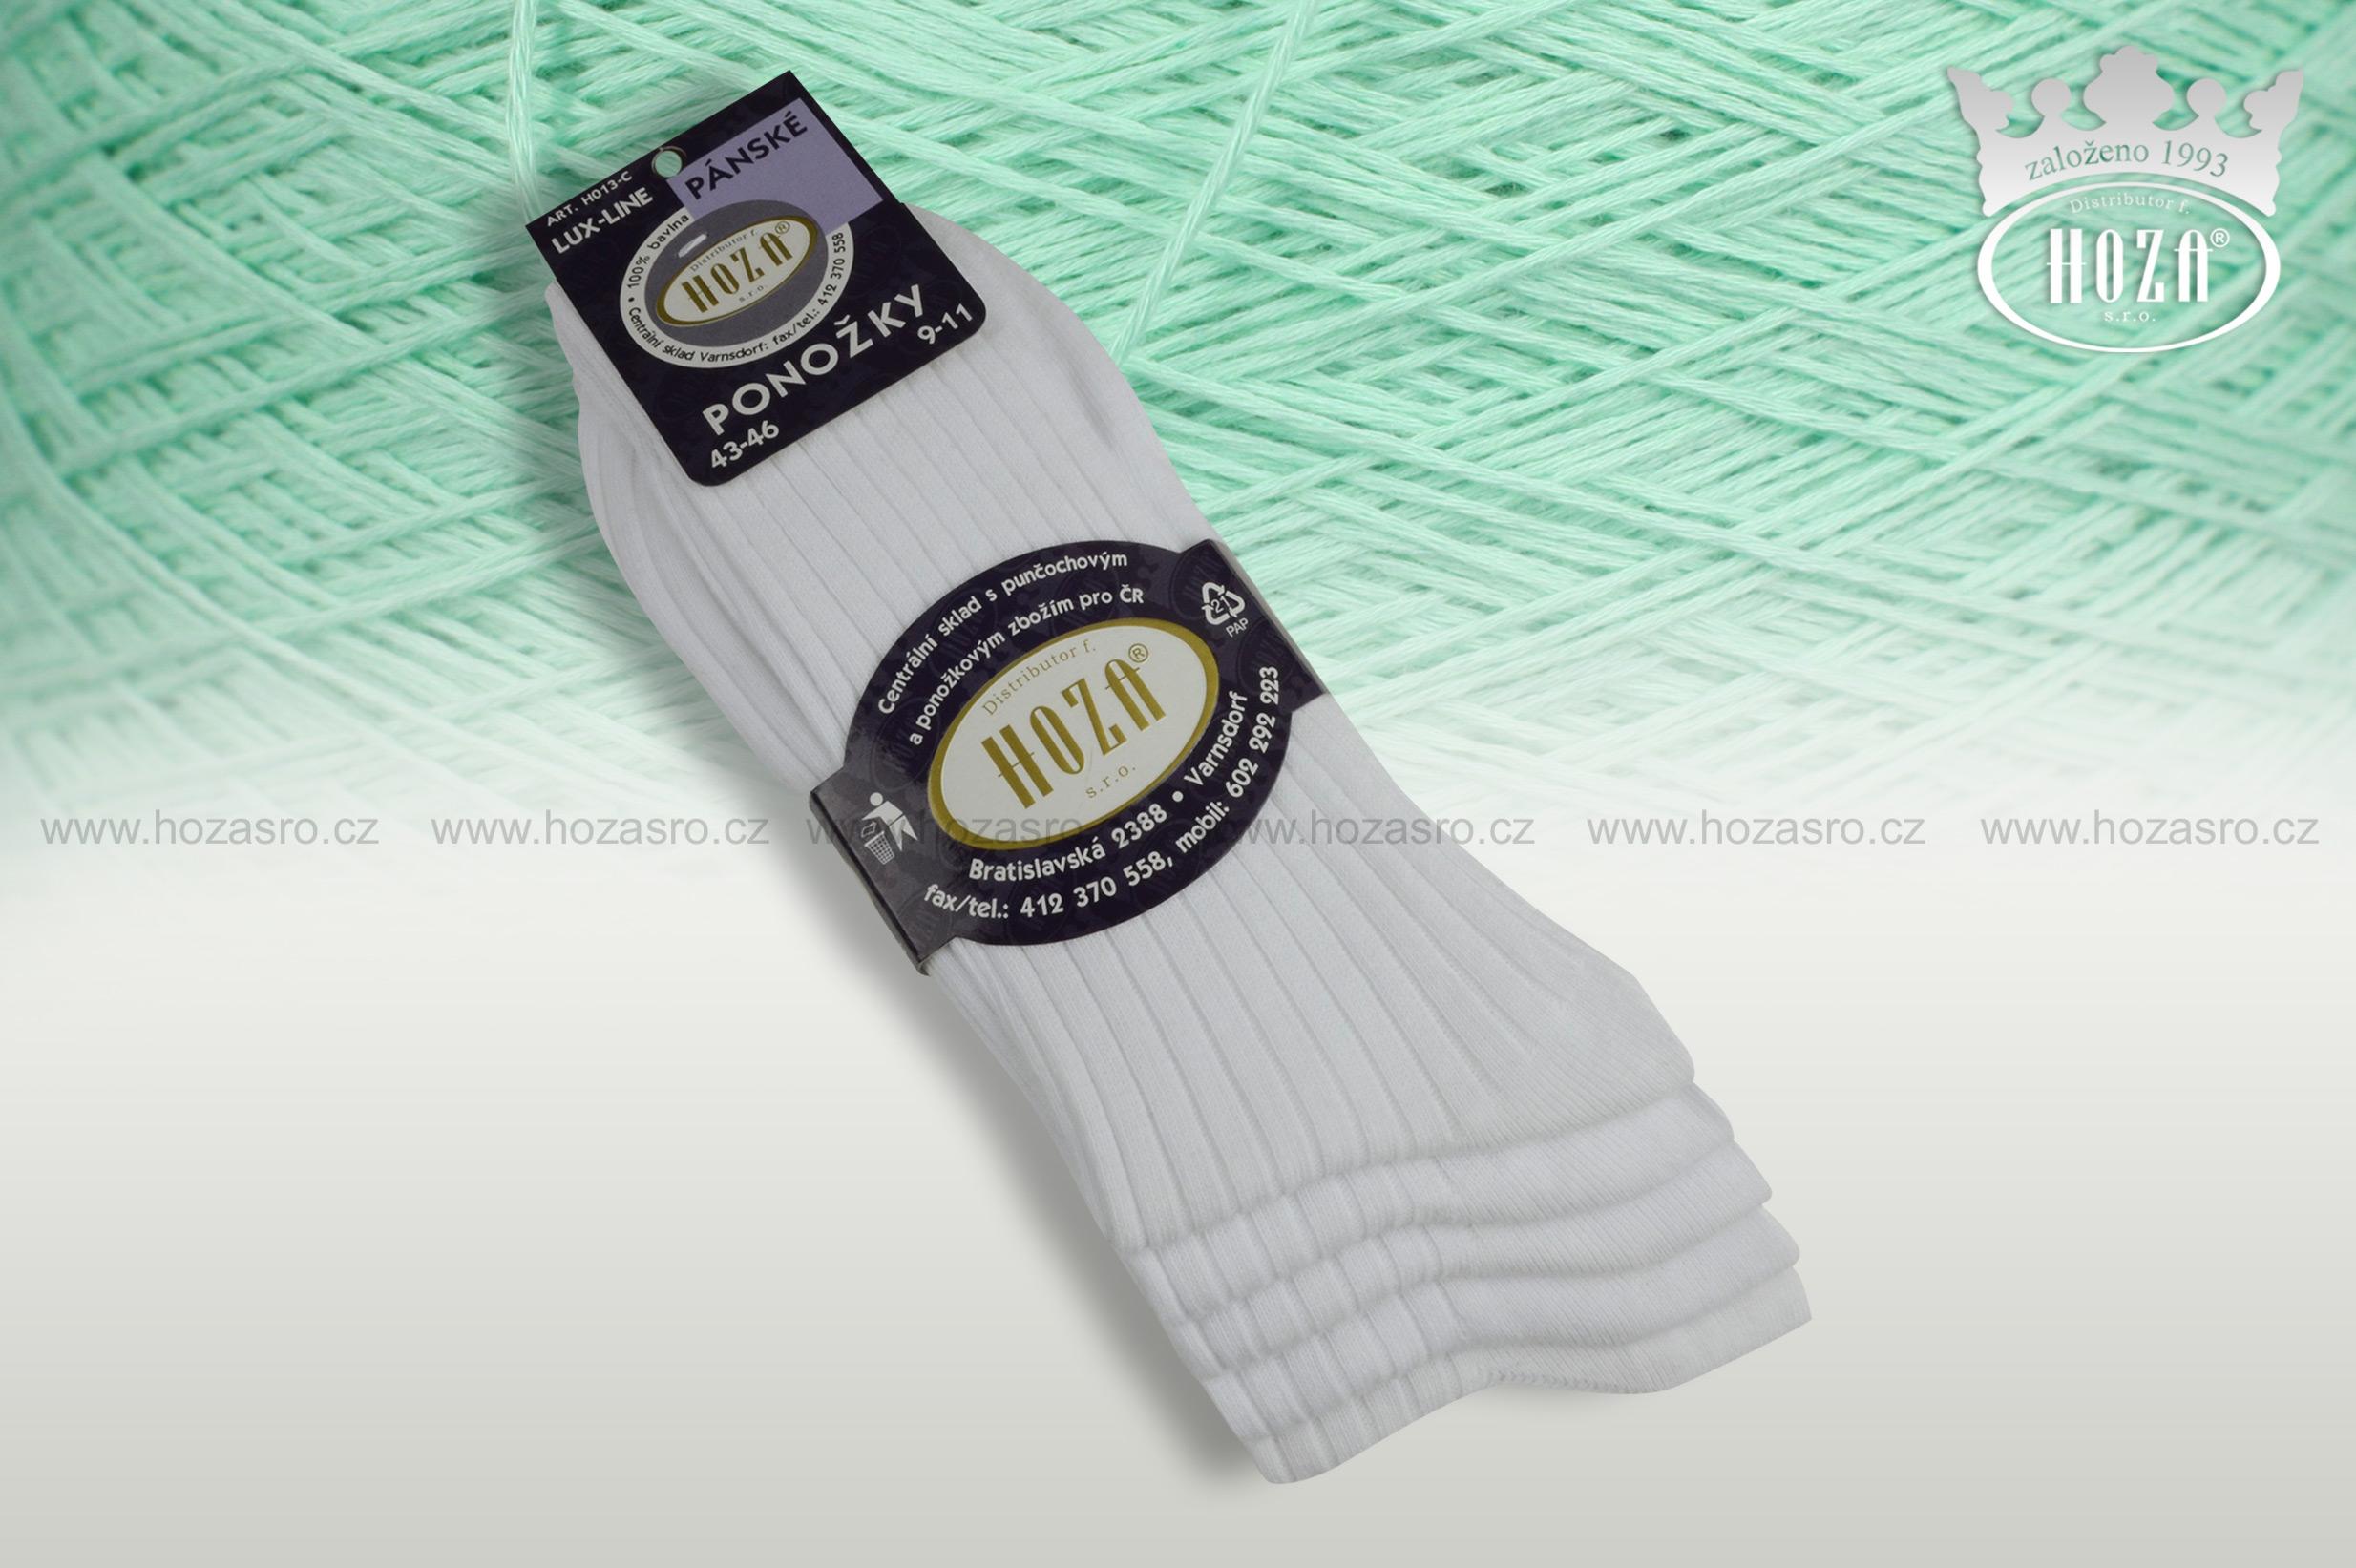 Pánské ponožky žebrované 5/2, 100% bavlna - bílé mix - H013-C